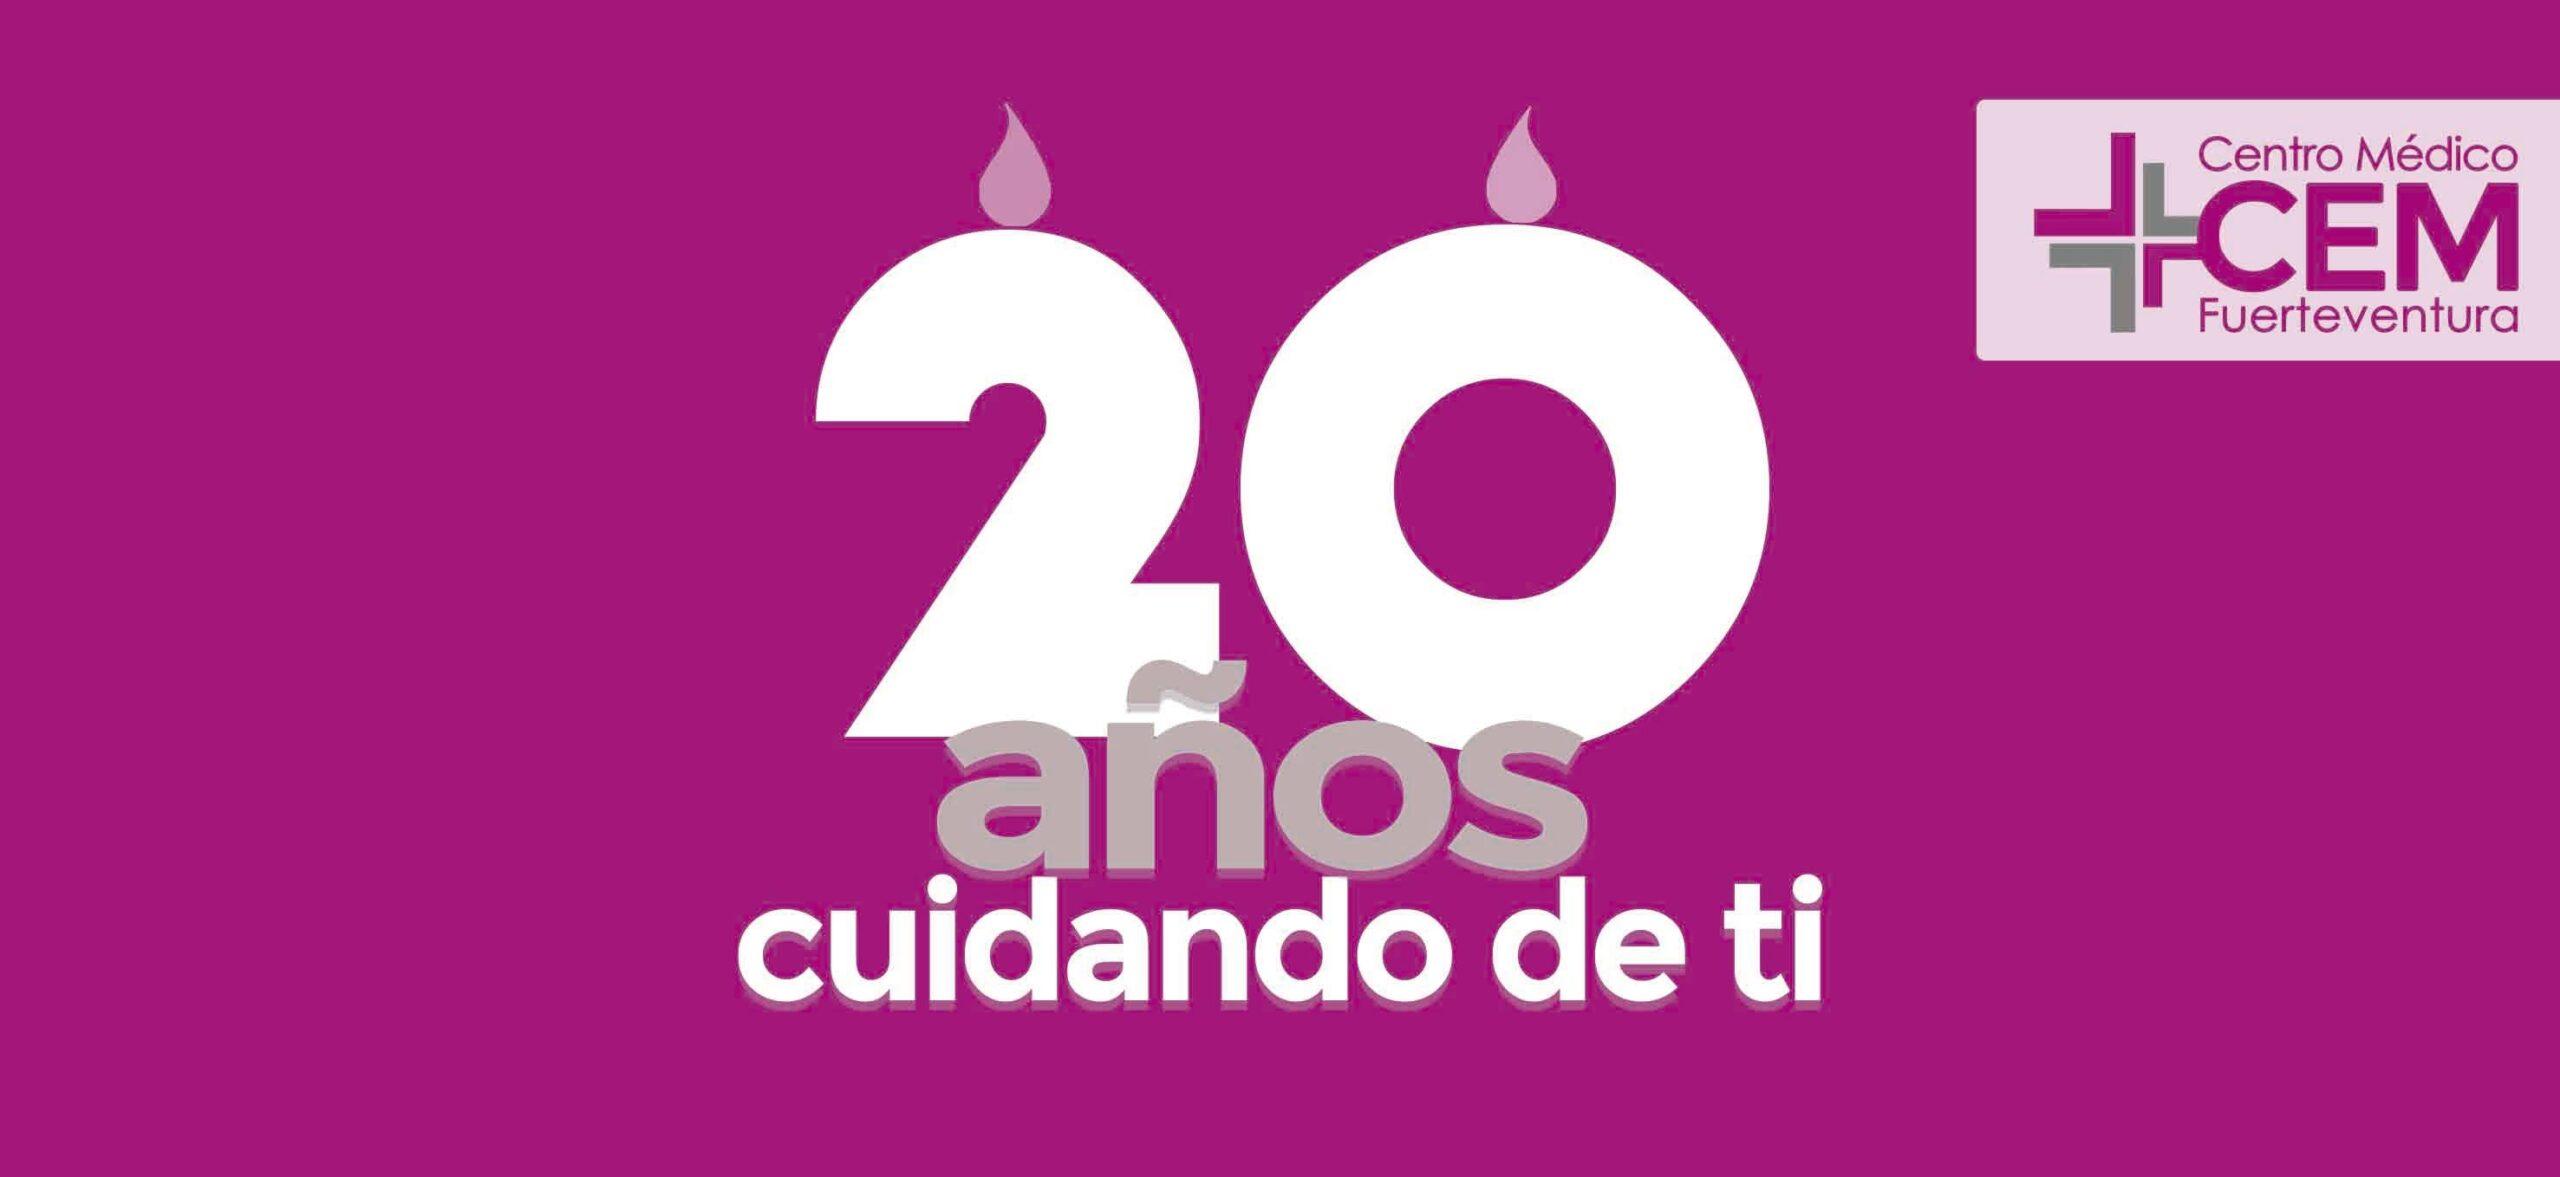 20 años cuidando de ti | Centro Médico Cem Fuerteventura